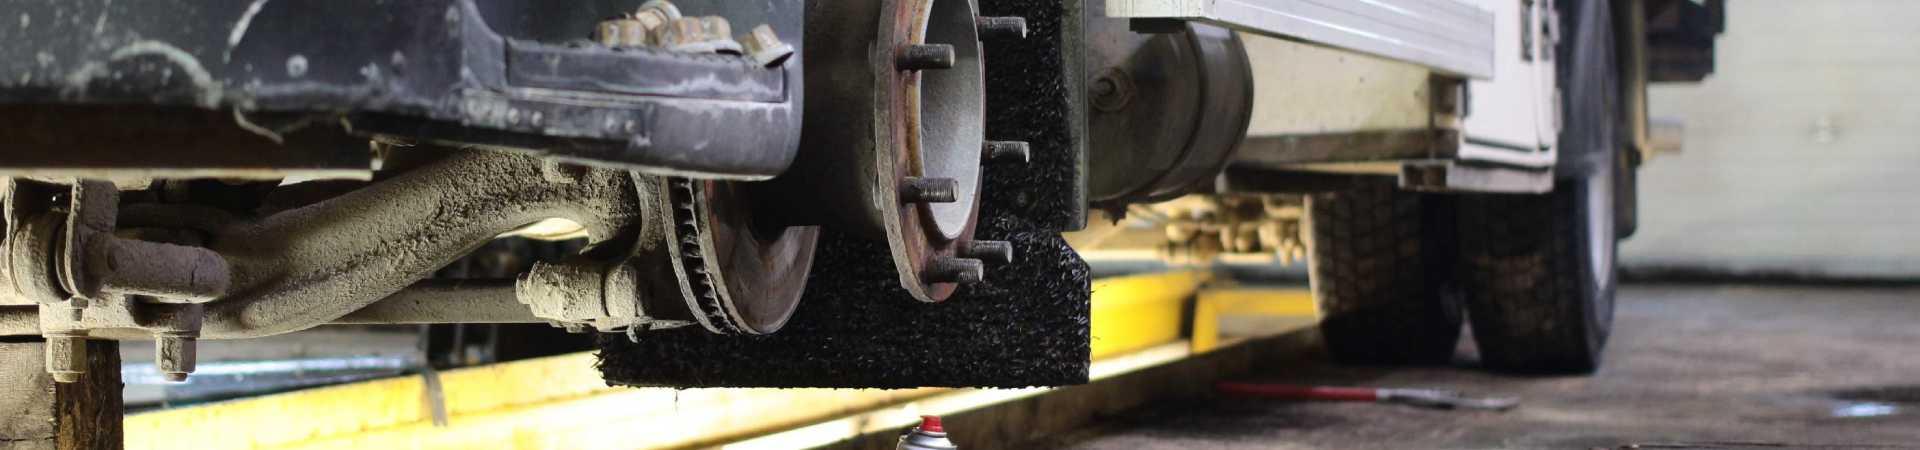 Ремонт тормозной системы грузового автомобиля